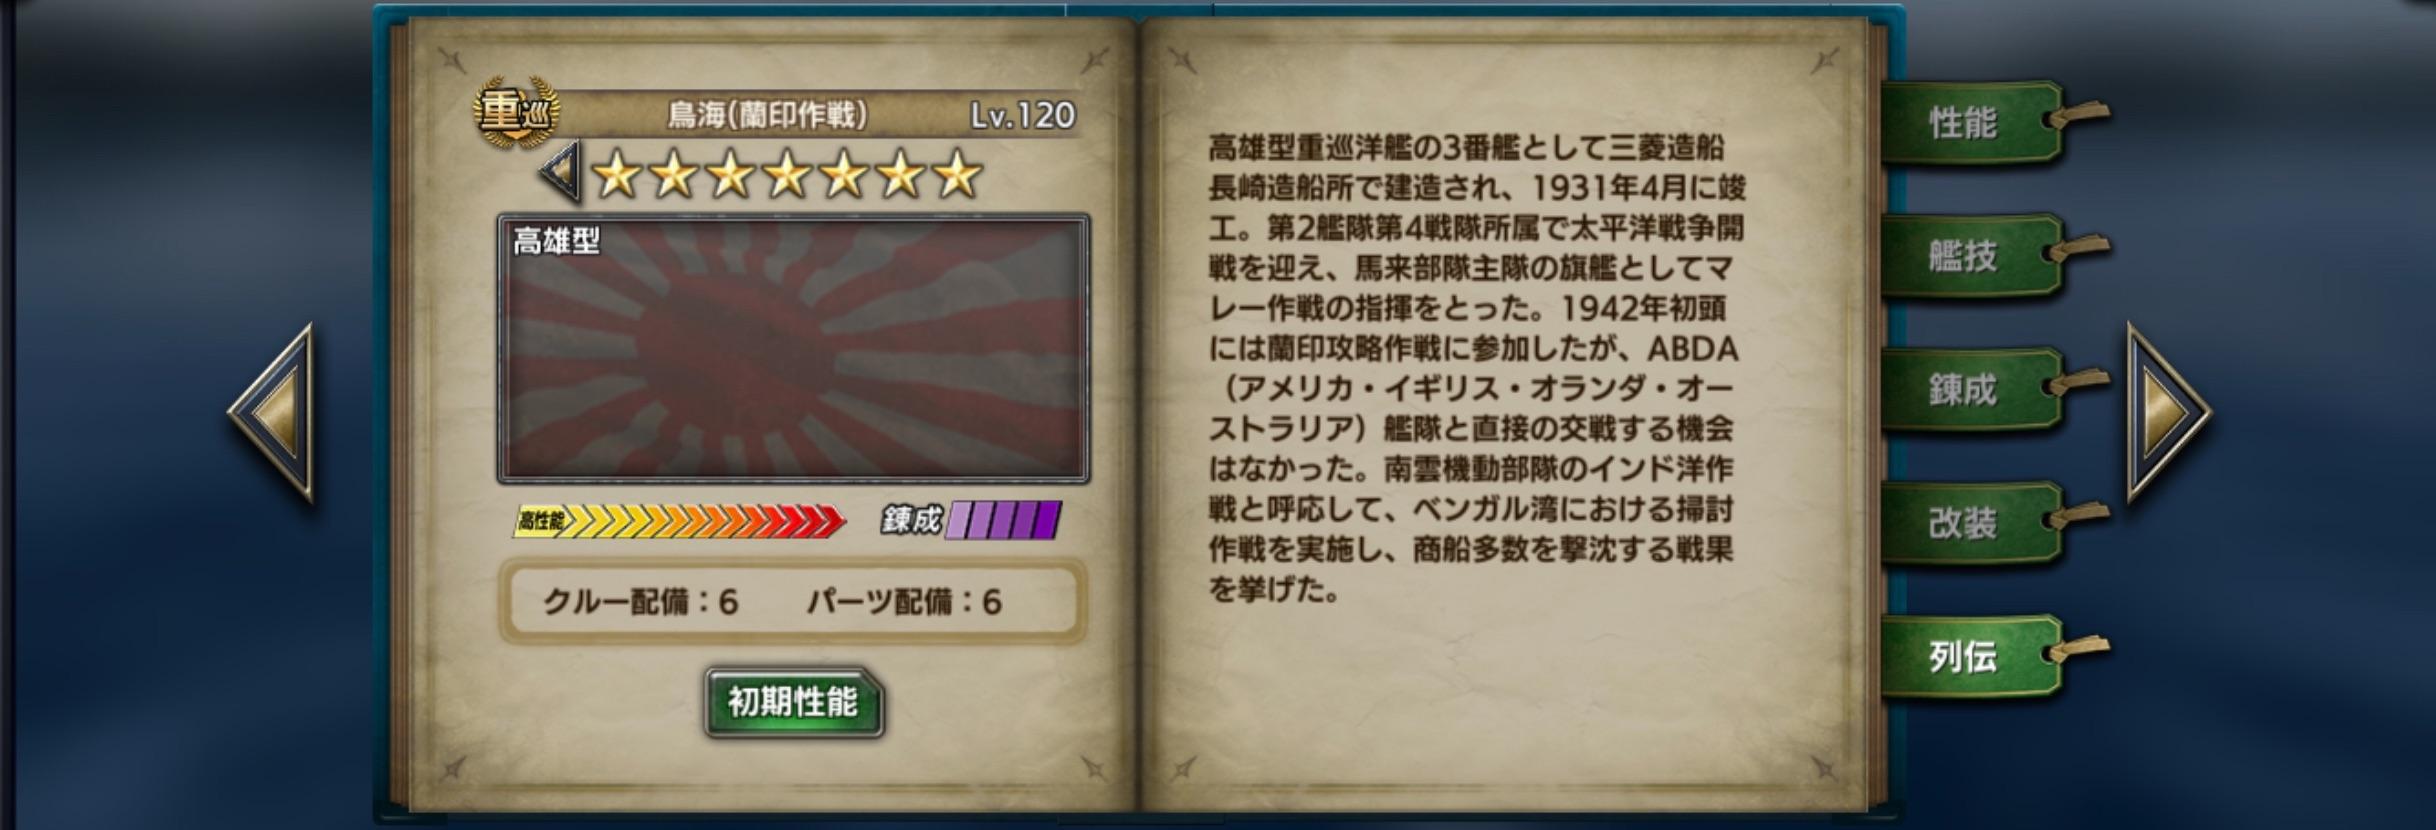 narumi-history